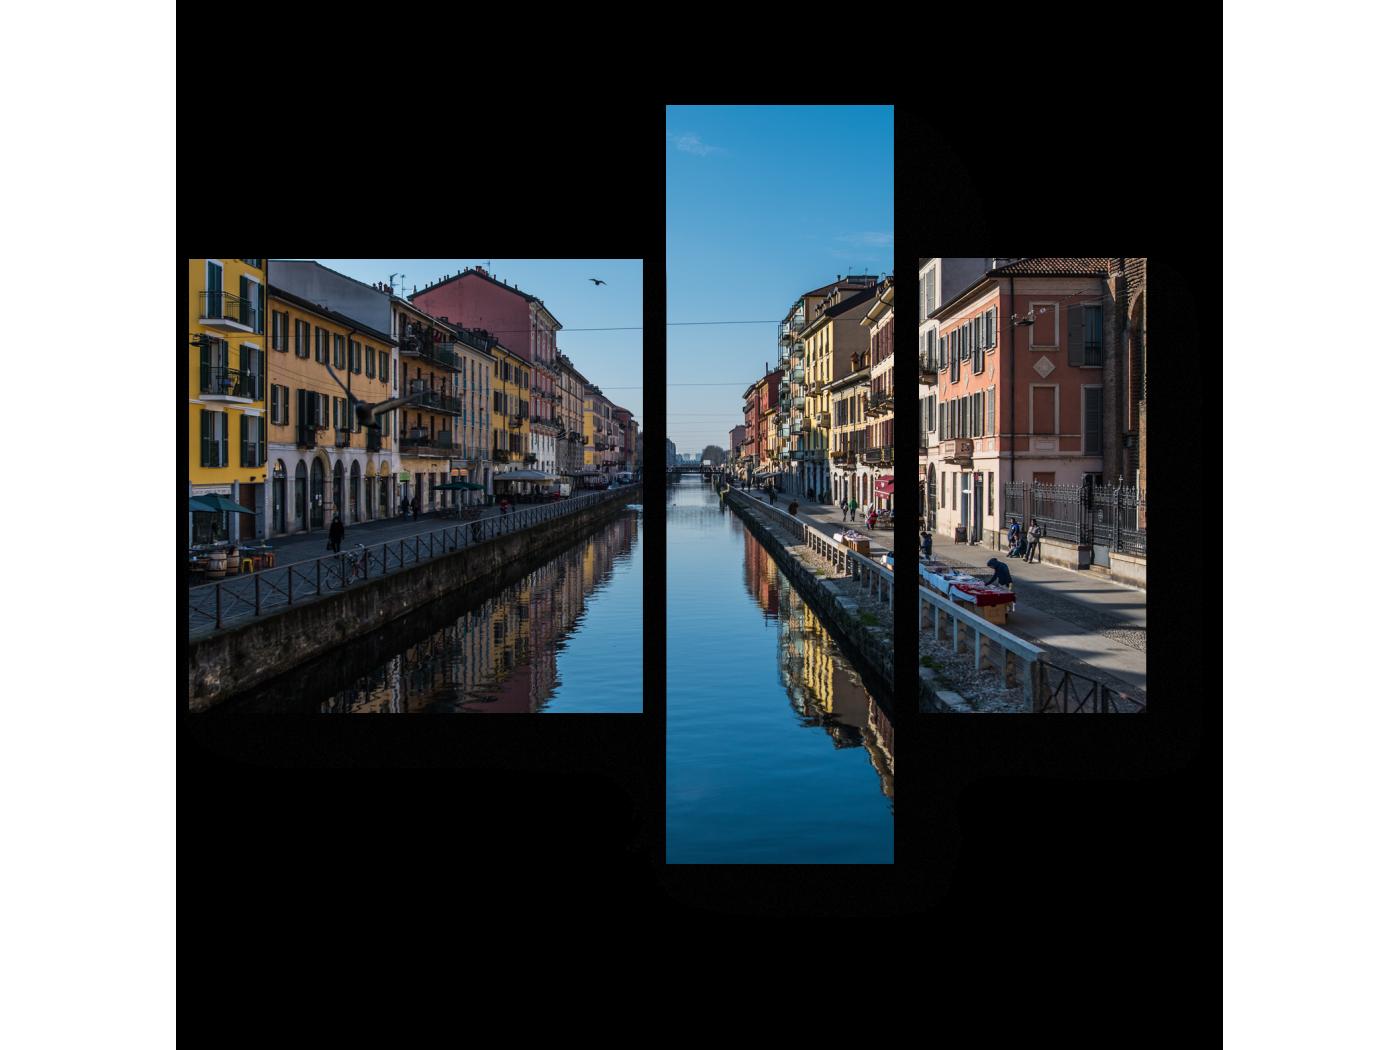 Модульная картина Большой канал Милана (80x66) фото